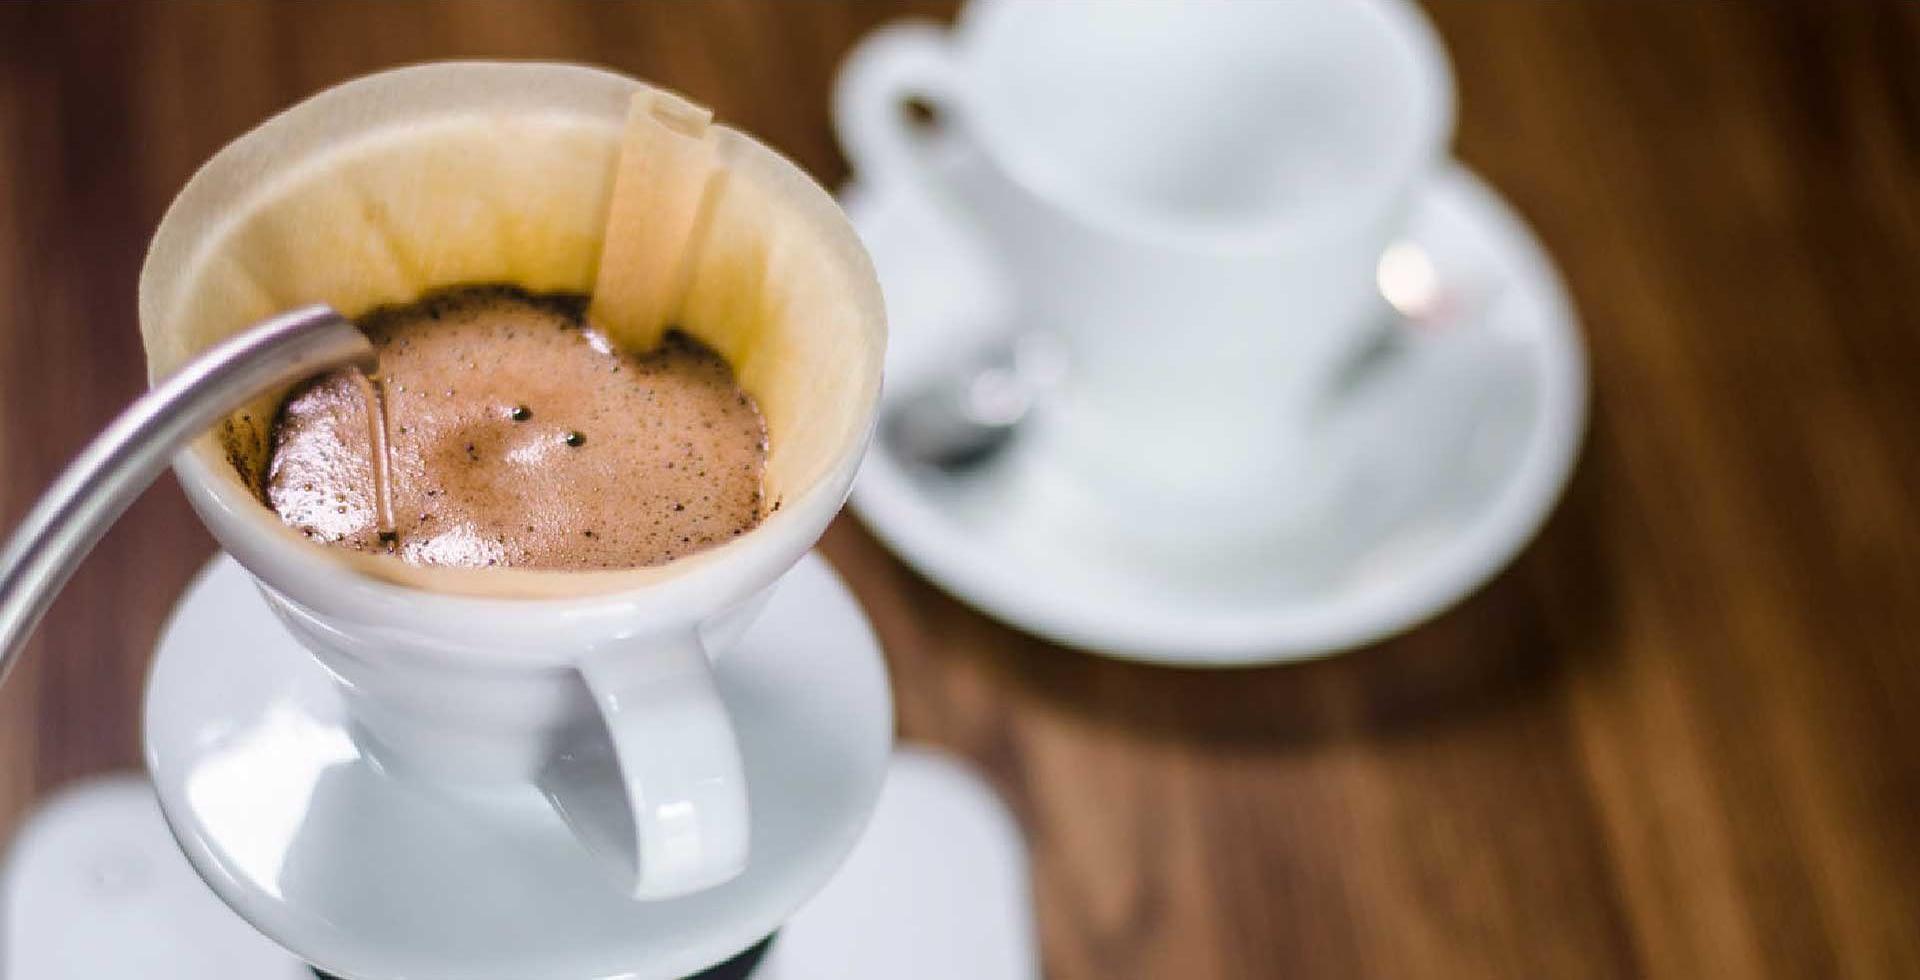 Handfilter Kaffee genießen